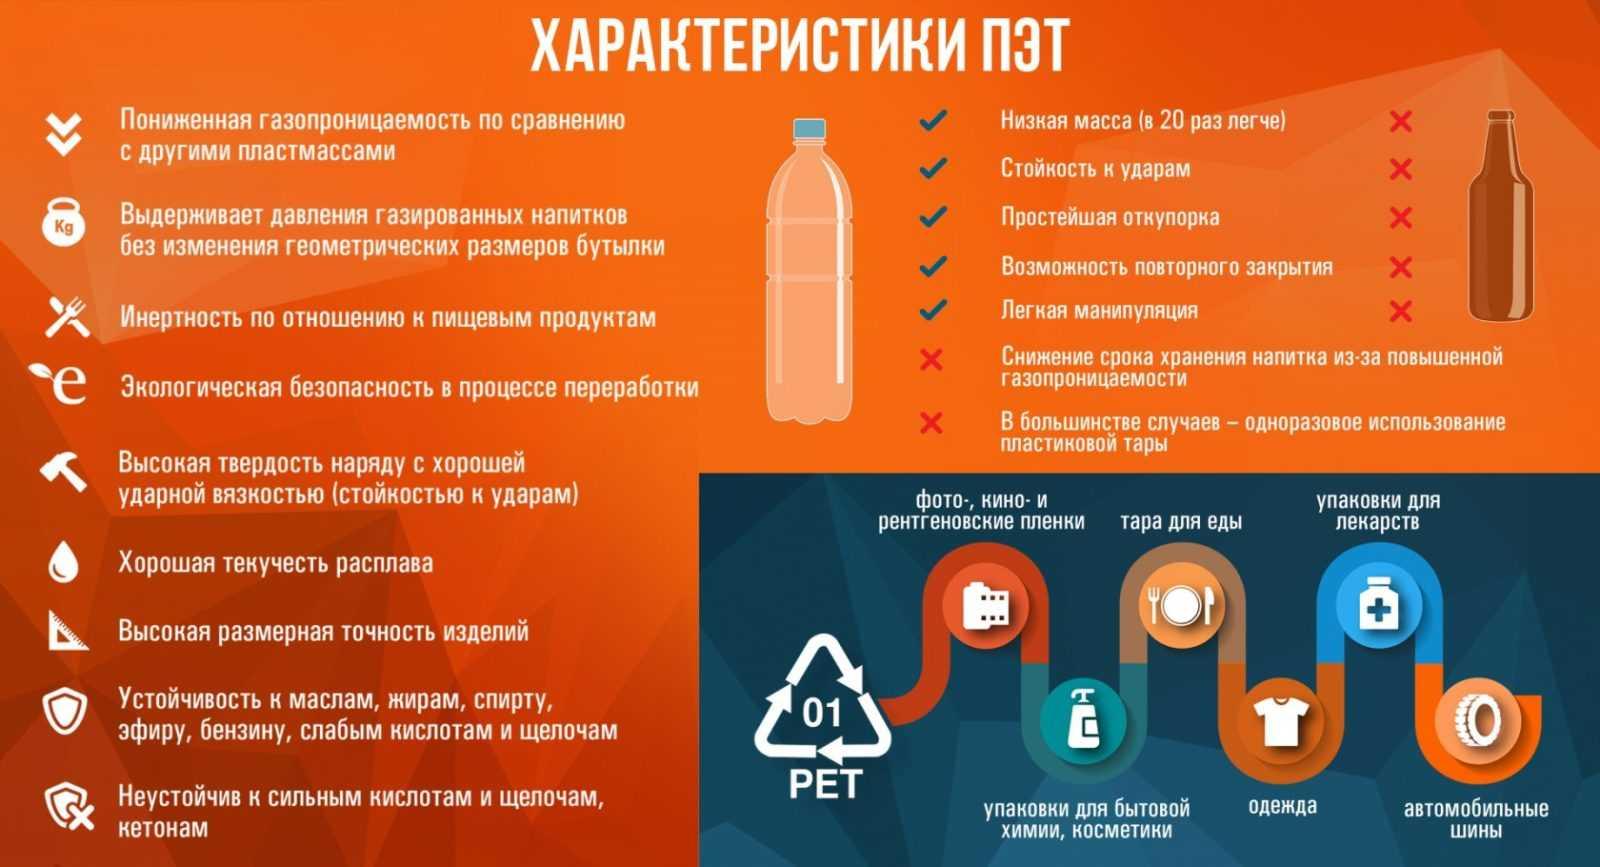 pochemu-plastikovye-butylki-luchshe-drugih-vidov-tary-maloizvestnye-fakty-o-pet-kotorye-vas-udivyat-2